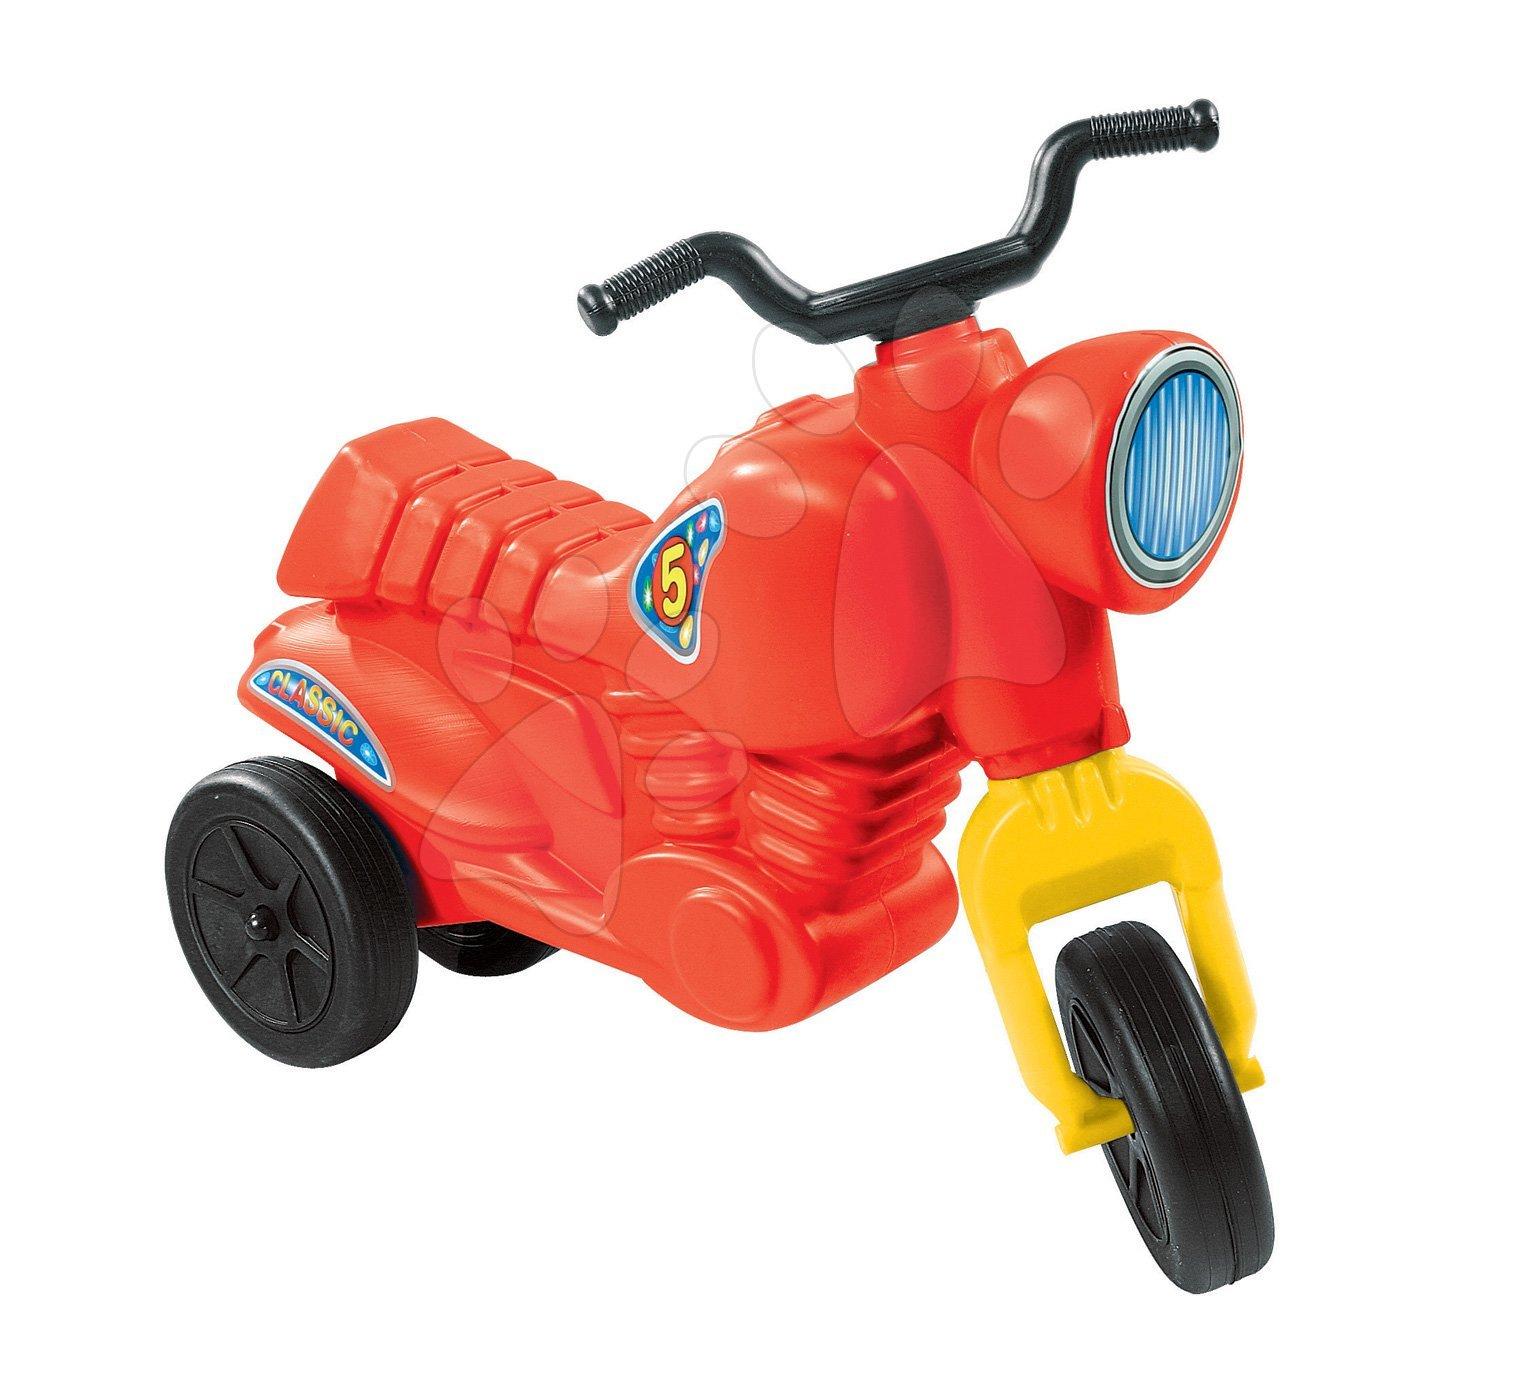 Motorky - Odrážedlo Classic 5 Motor Dohány červené